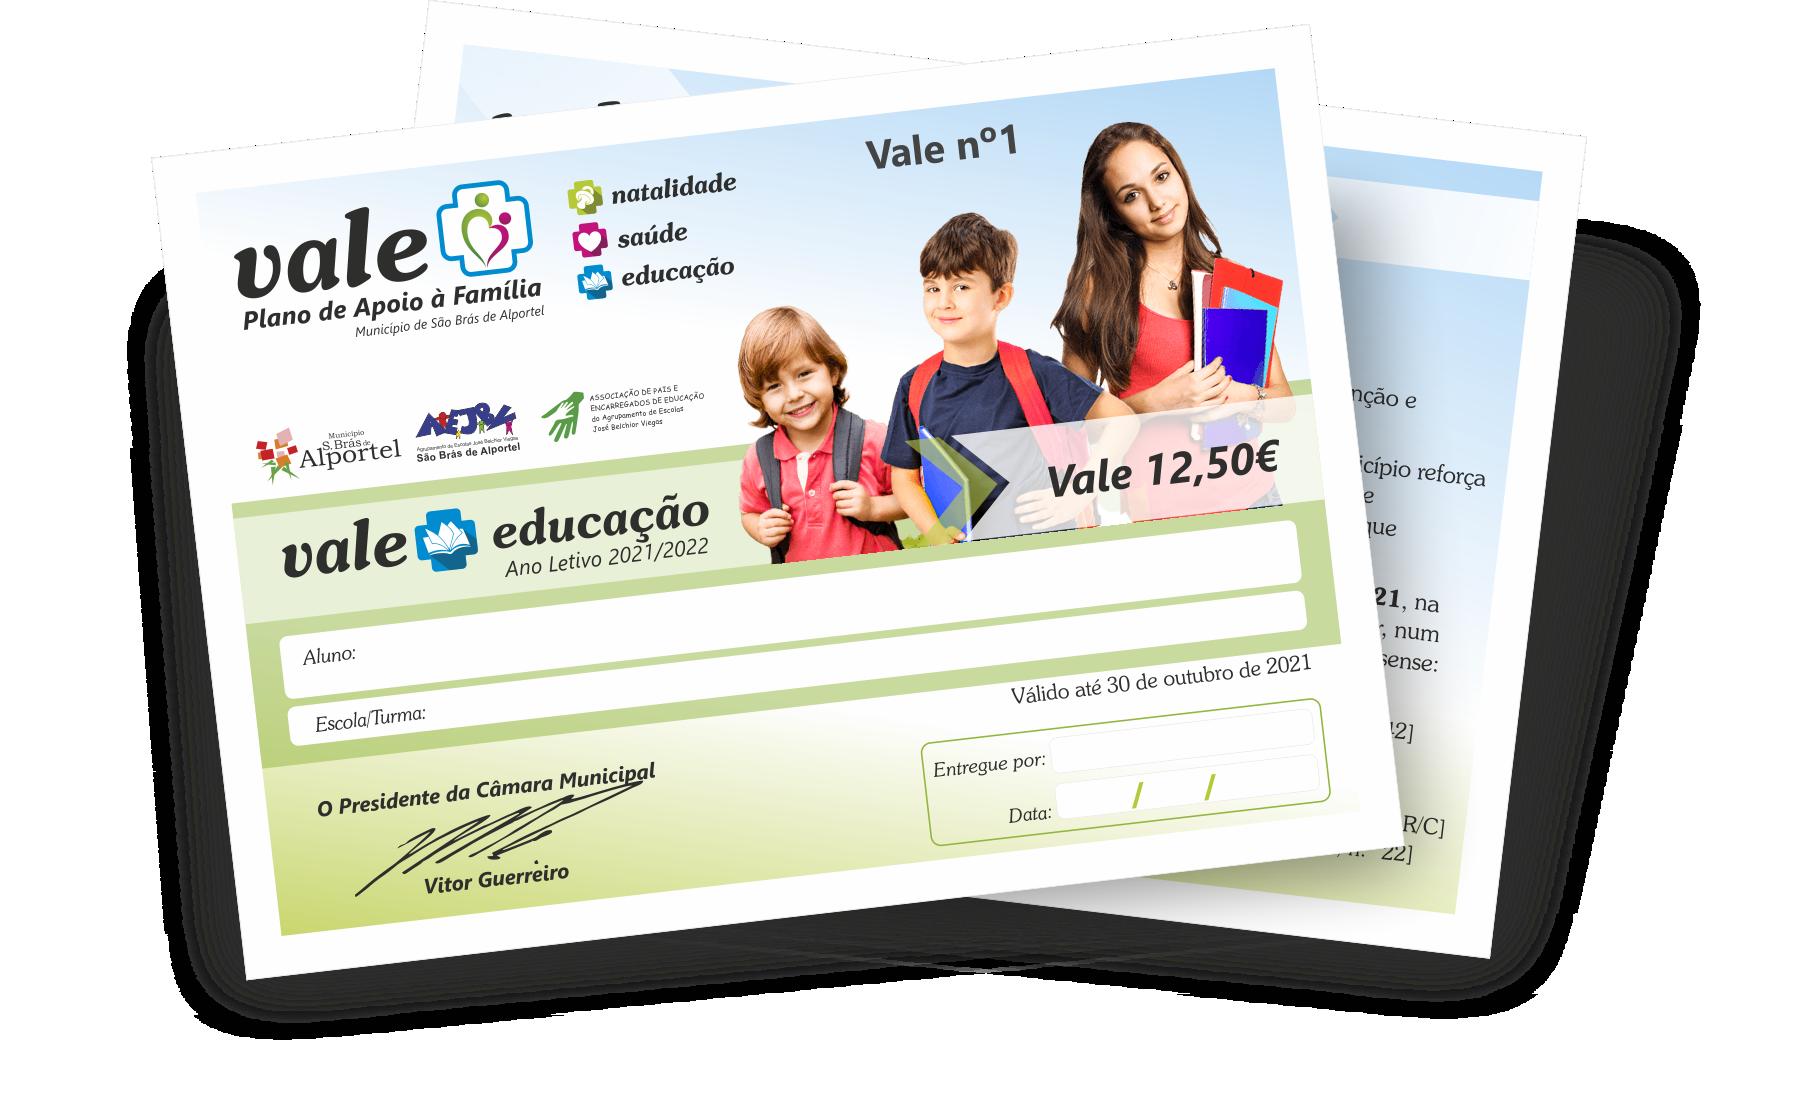 Vale + Educação 2021/2022